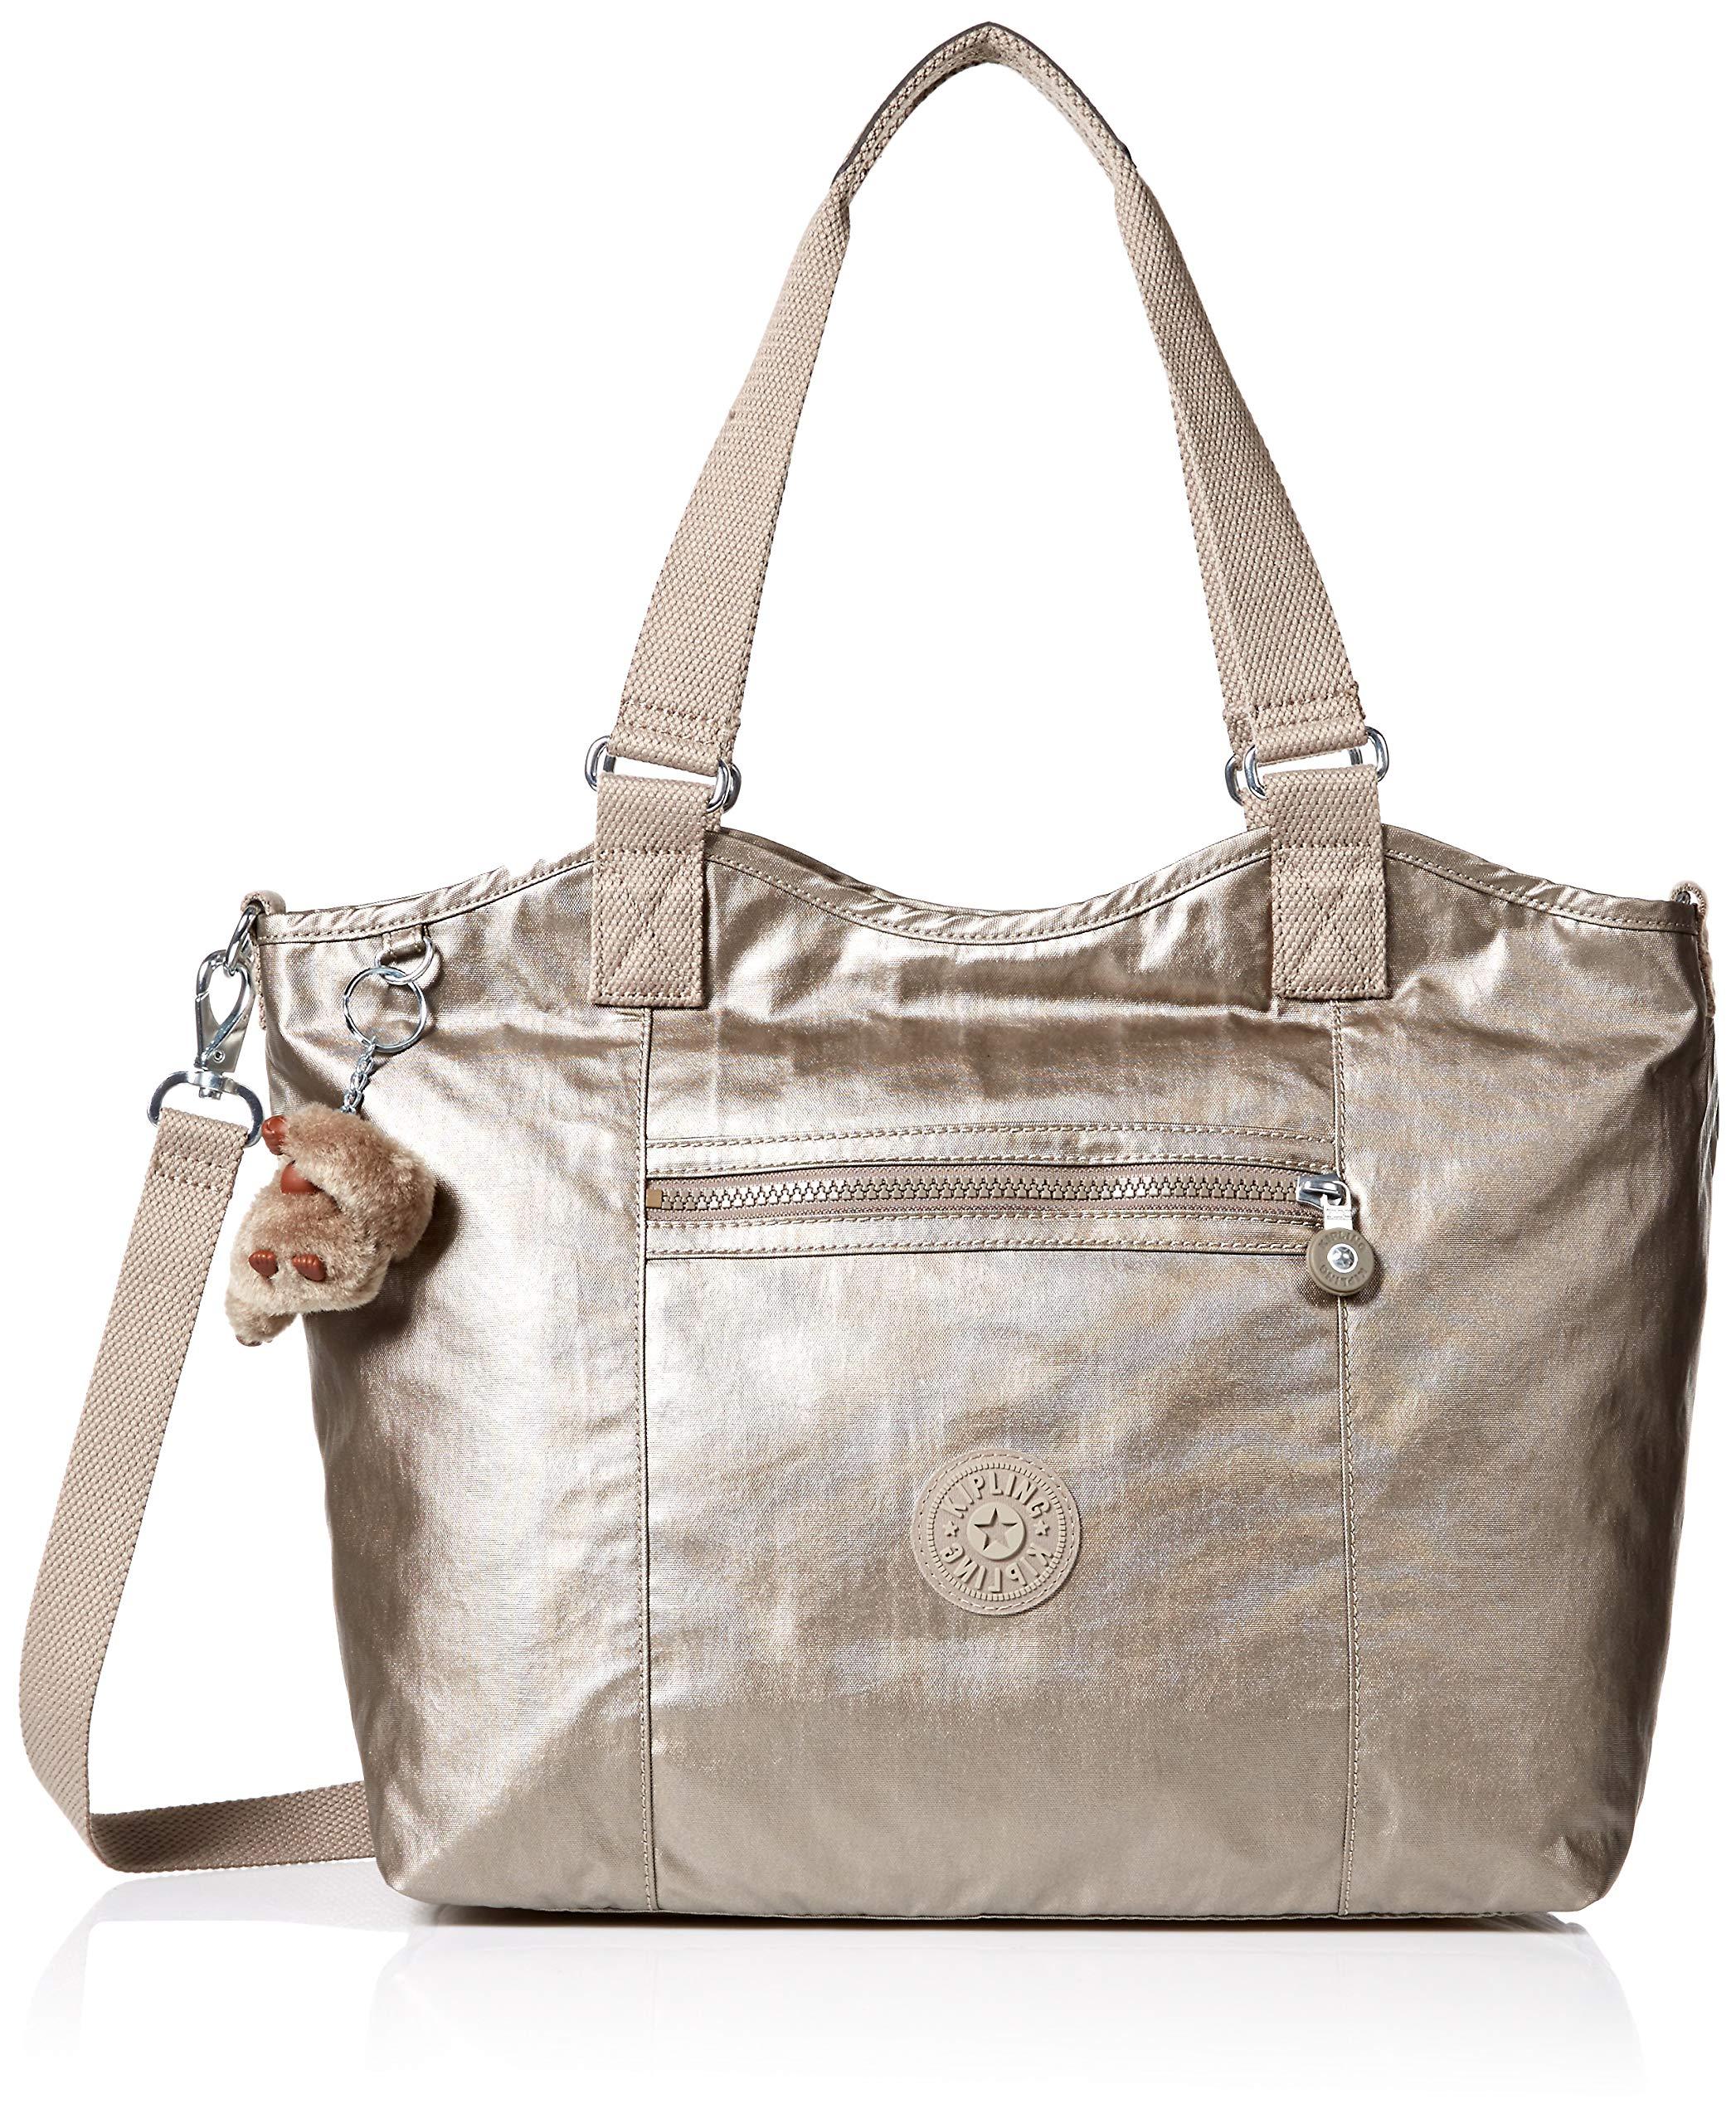 Kipling Griffin Tote Bag,  Metallic Pewter, One Size